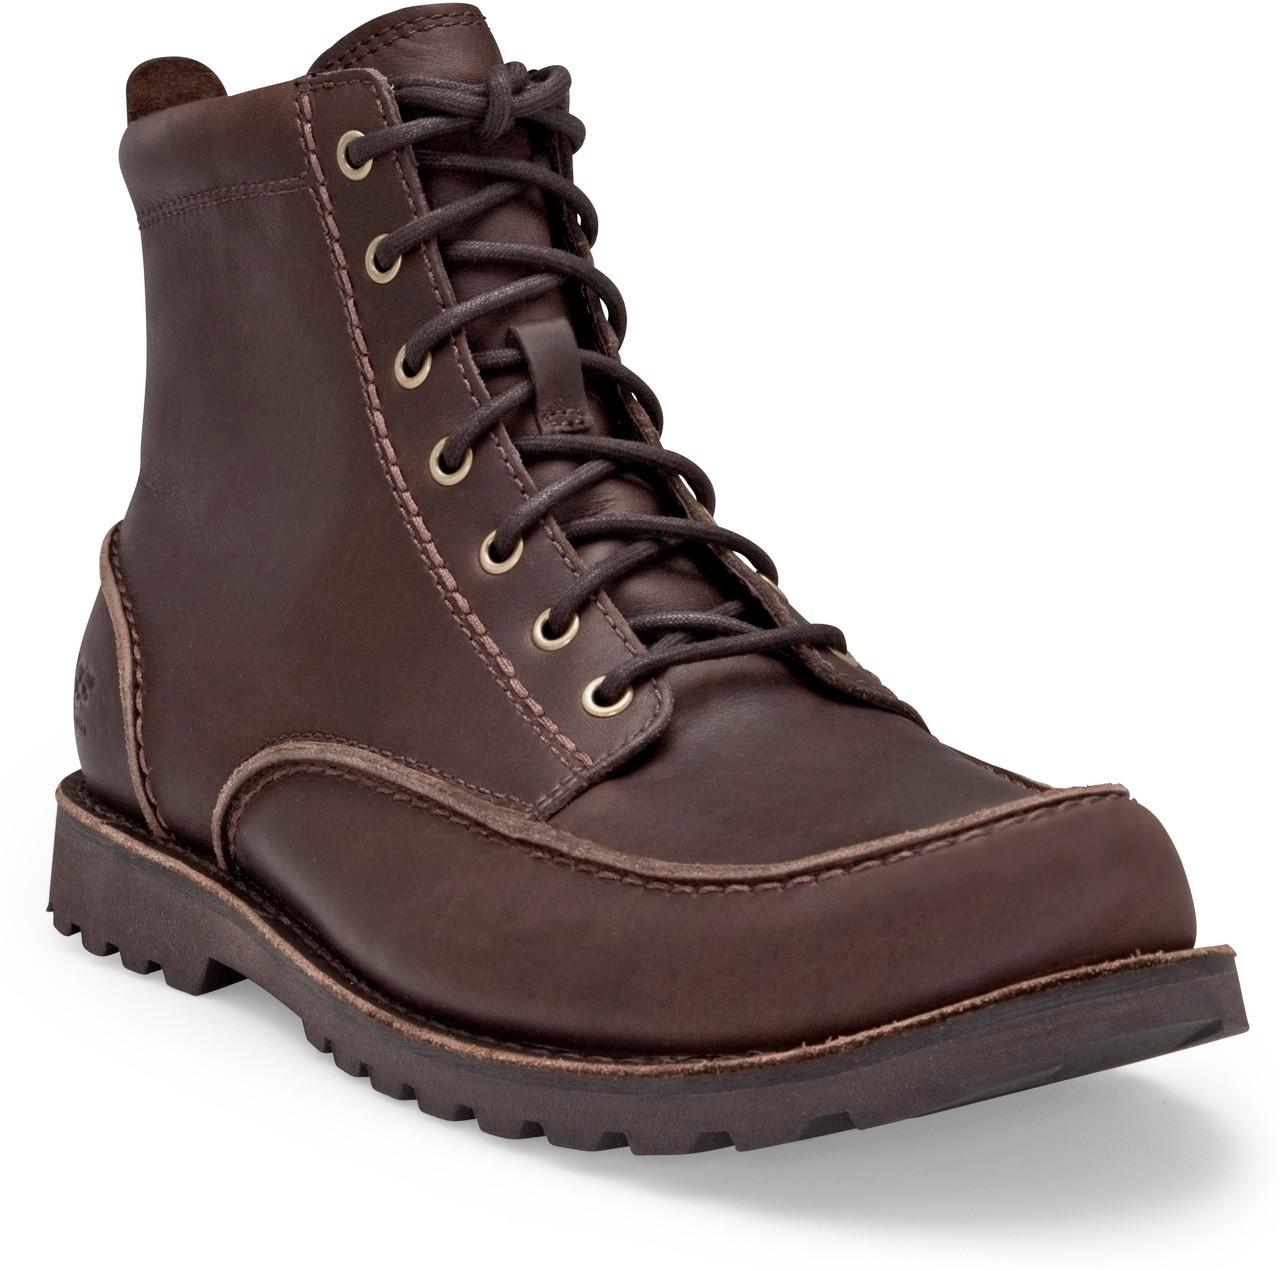 ugg boots men's 9.5 nz